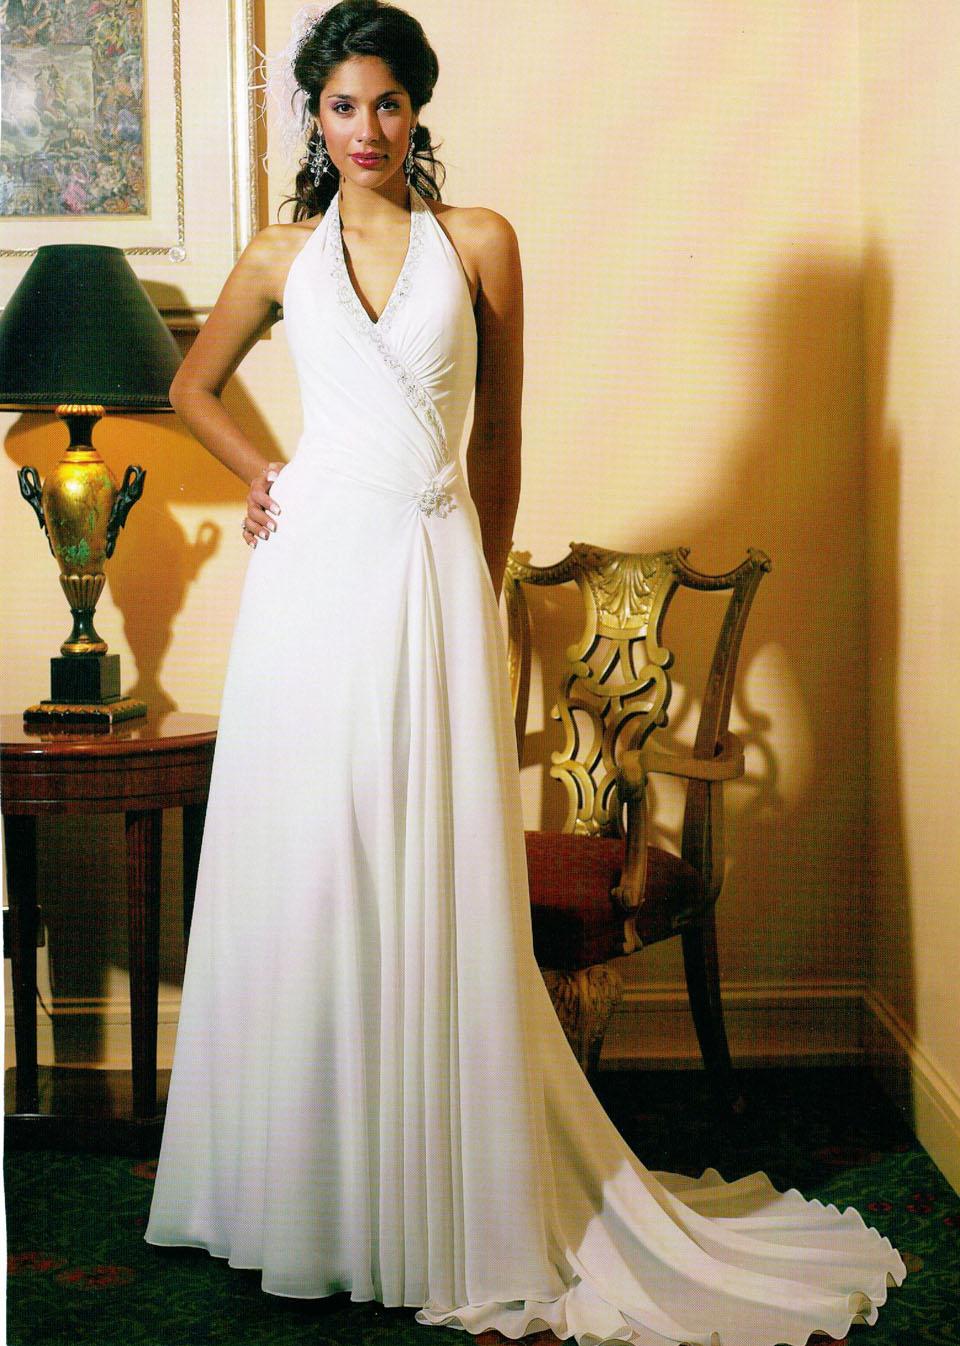 wedding gown rental las vegas nv vegas wedding dresses